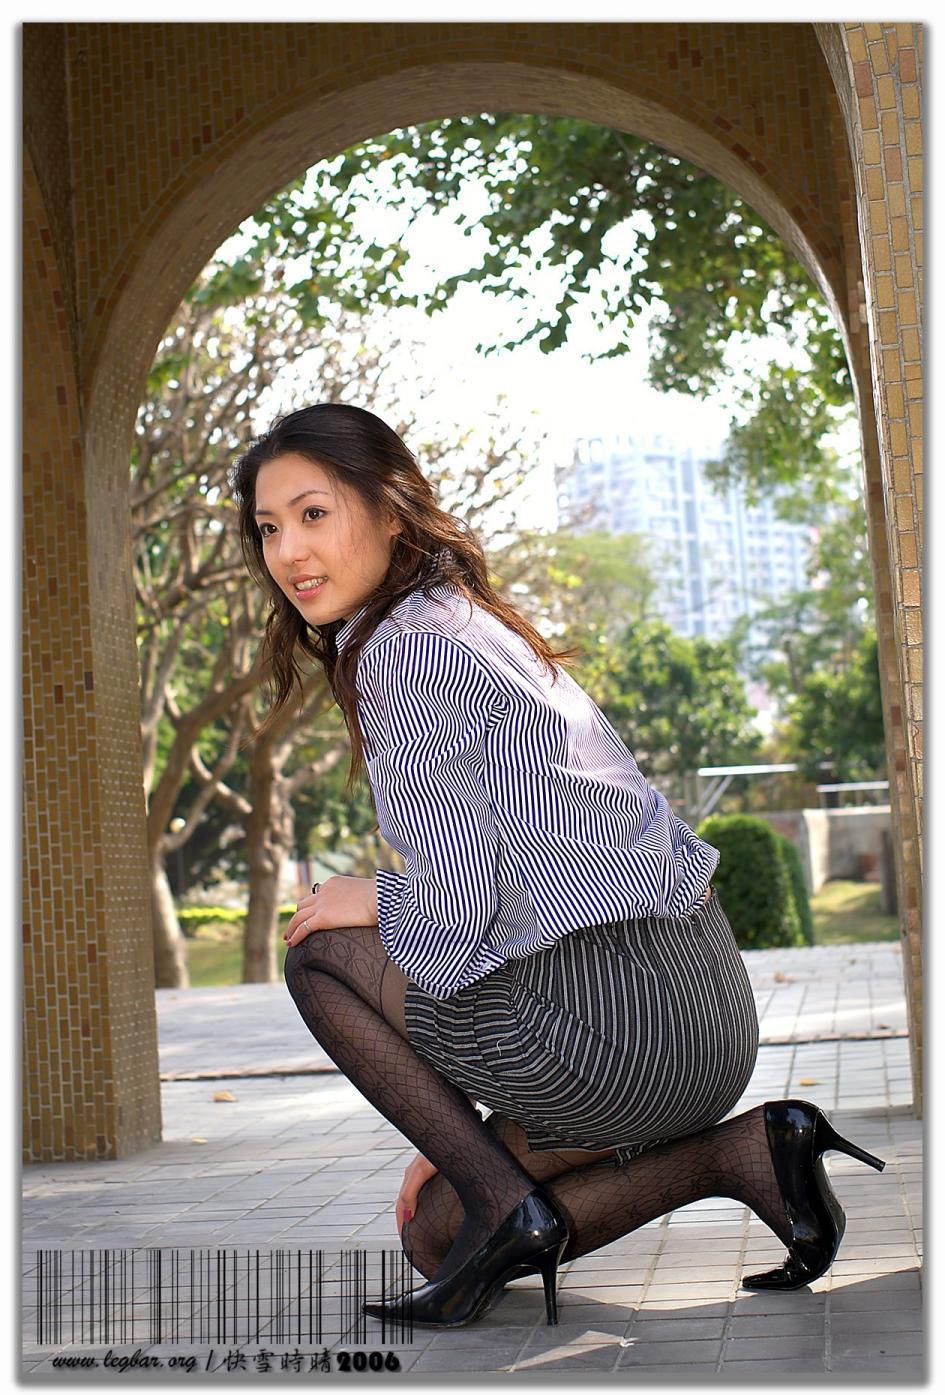 漂亮女人 - 1505147909 - 太阳的博客